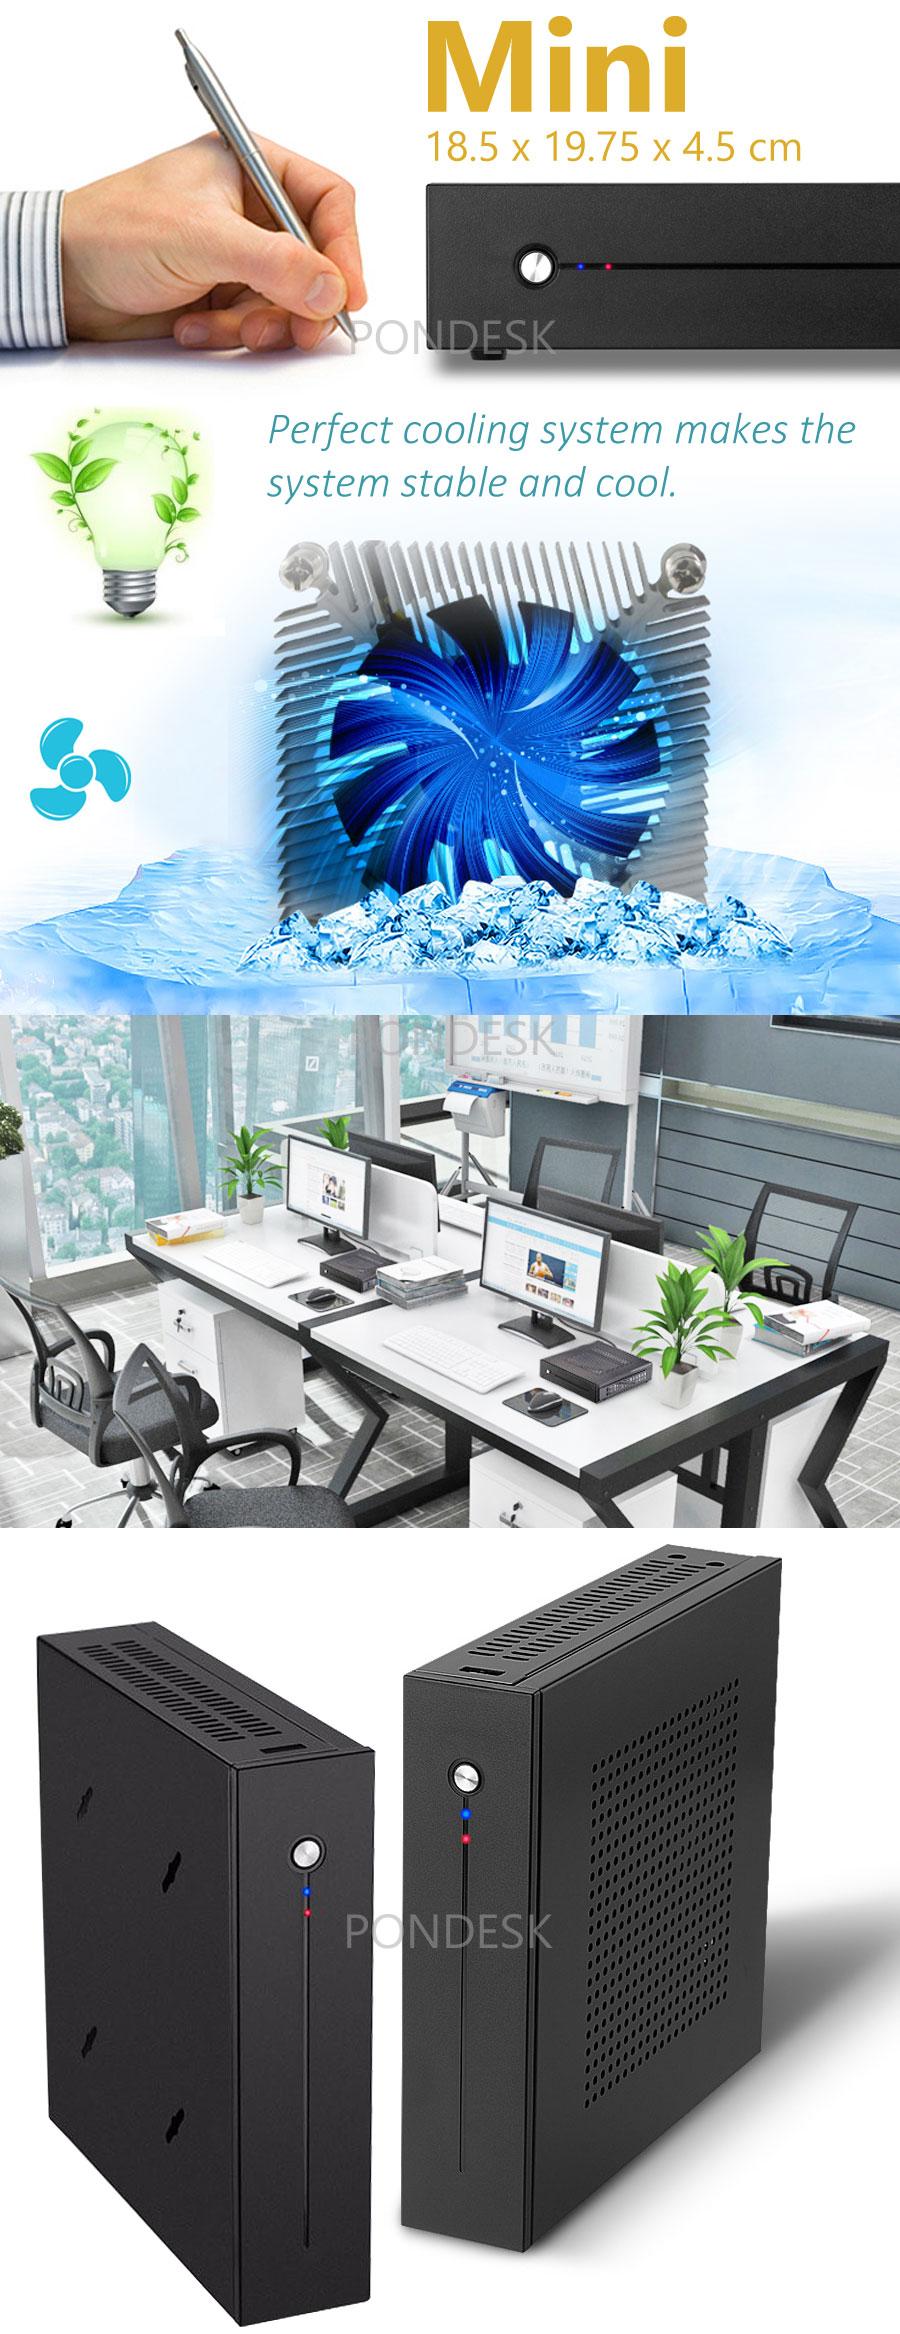 7th Gen Intel® i3-7100T Kaby Lake 3.40GHz 2 LAN HD Mini PC - MNHO-057 | Image